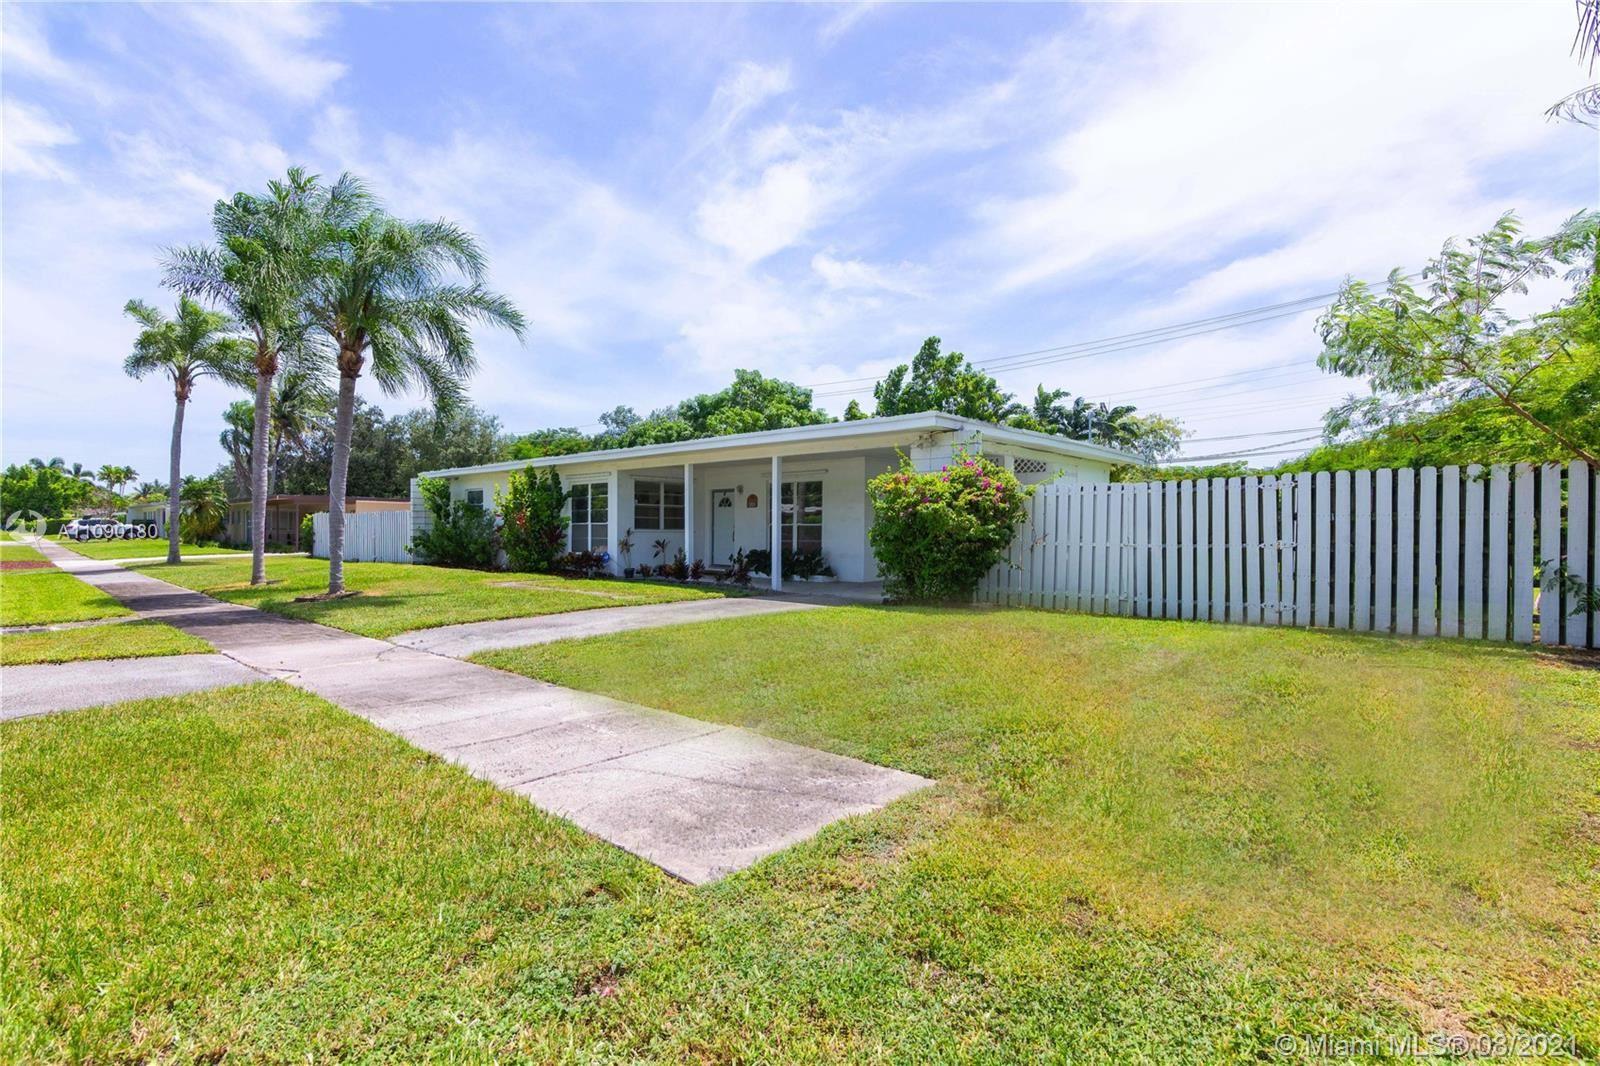 8100 SW 99th St, Miami, FL 33156 - #: A11090180